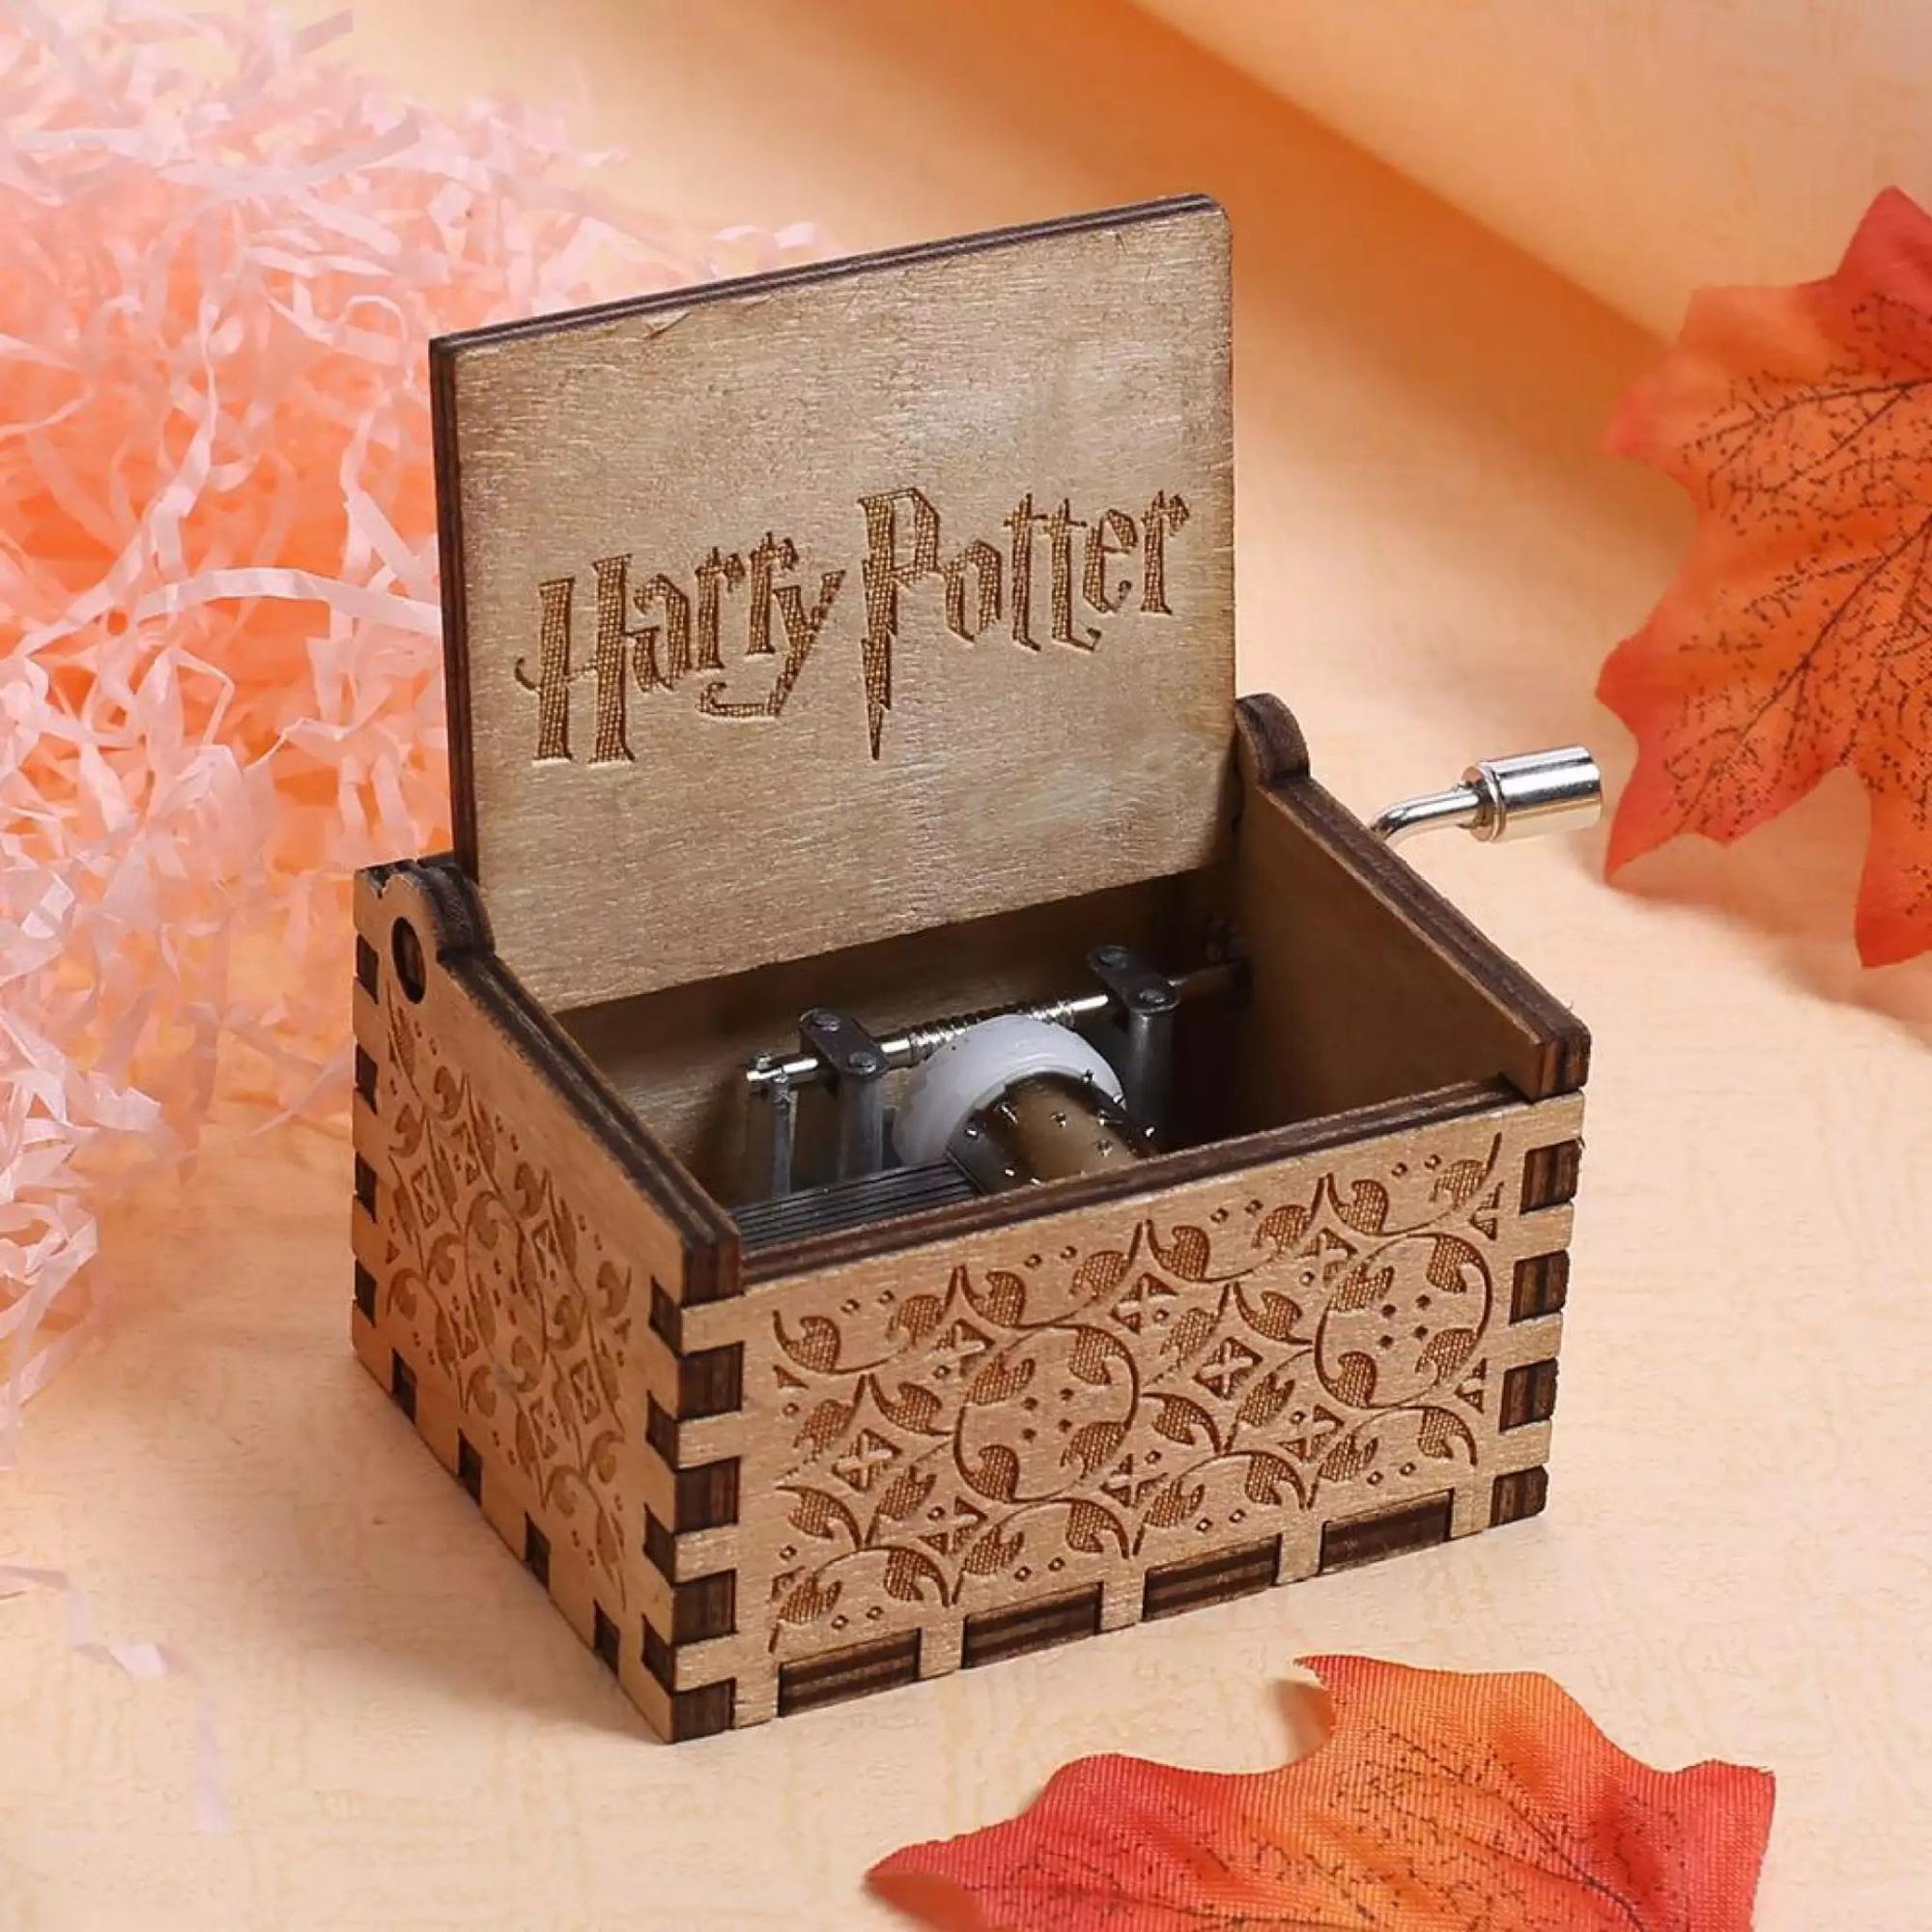 Top 7 item bán chạy nhất trên Lazada trong làn sóng kỉ niệm 10 năm công chiếu tập cuối của Harry Potter - Ảnh 2.